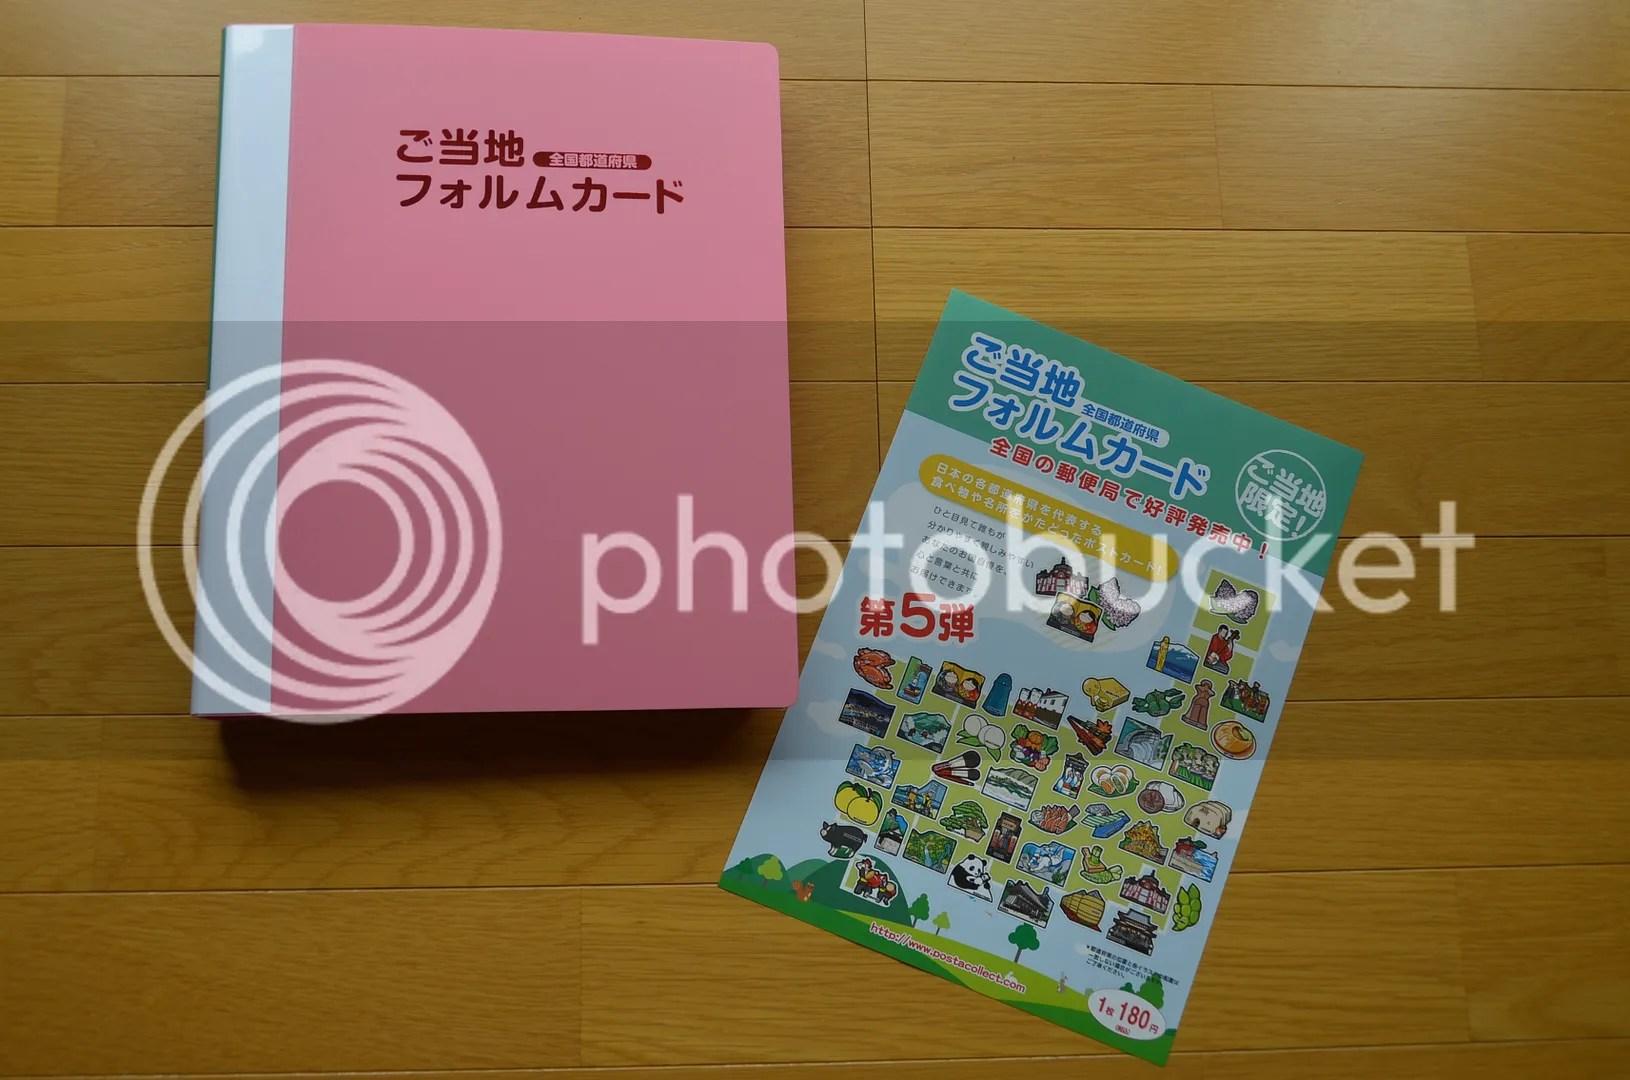 5 photo DSC_6024.jpg